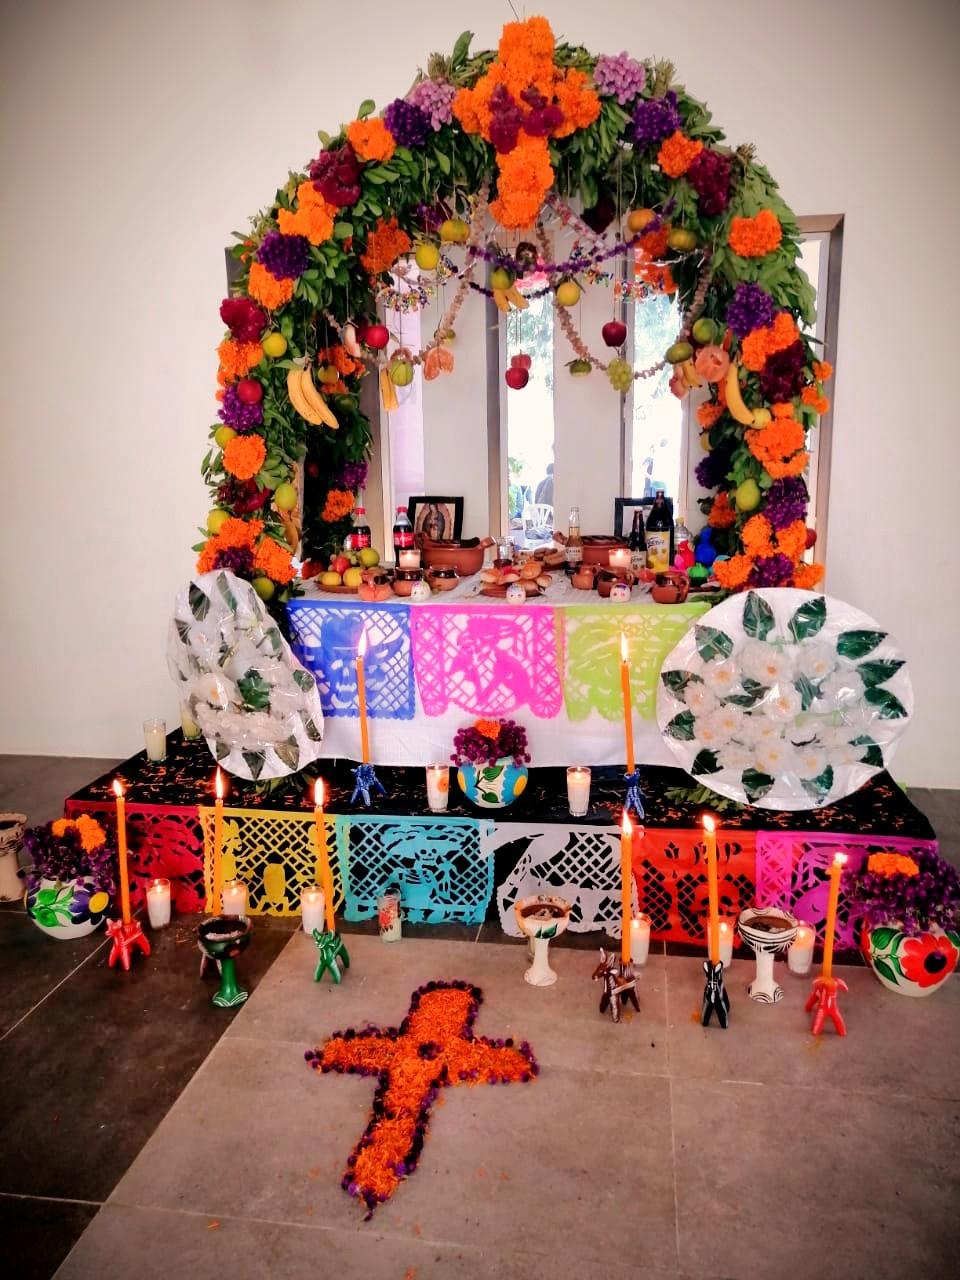 """Typical Xantolo ofrenda at Tempoal, Veracruz Mexico, epicenter of the Huastecas festivity of """"Todos Santos"""" - All Saints -"""